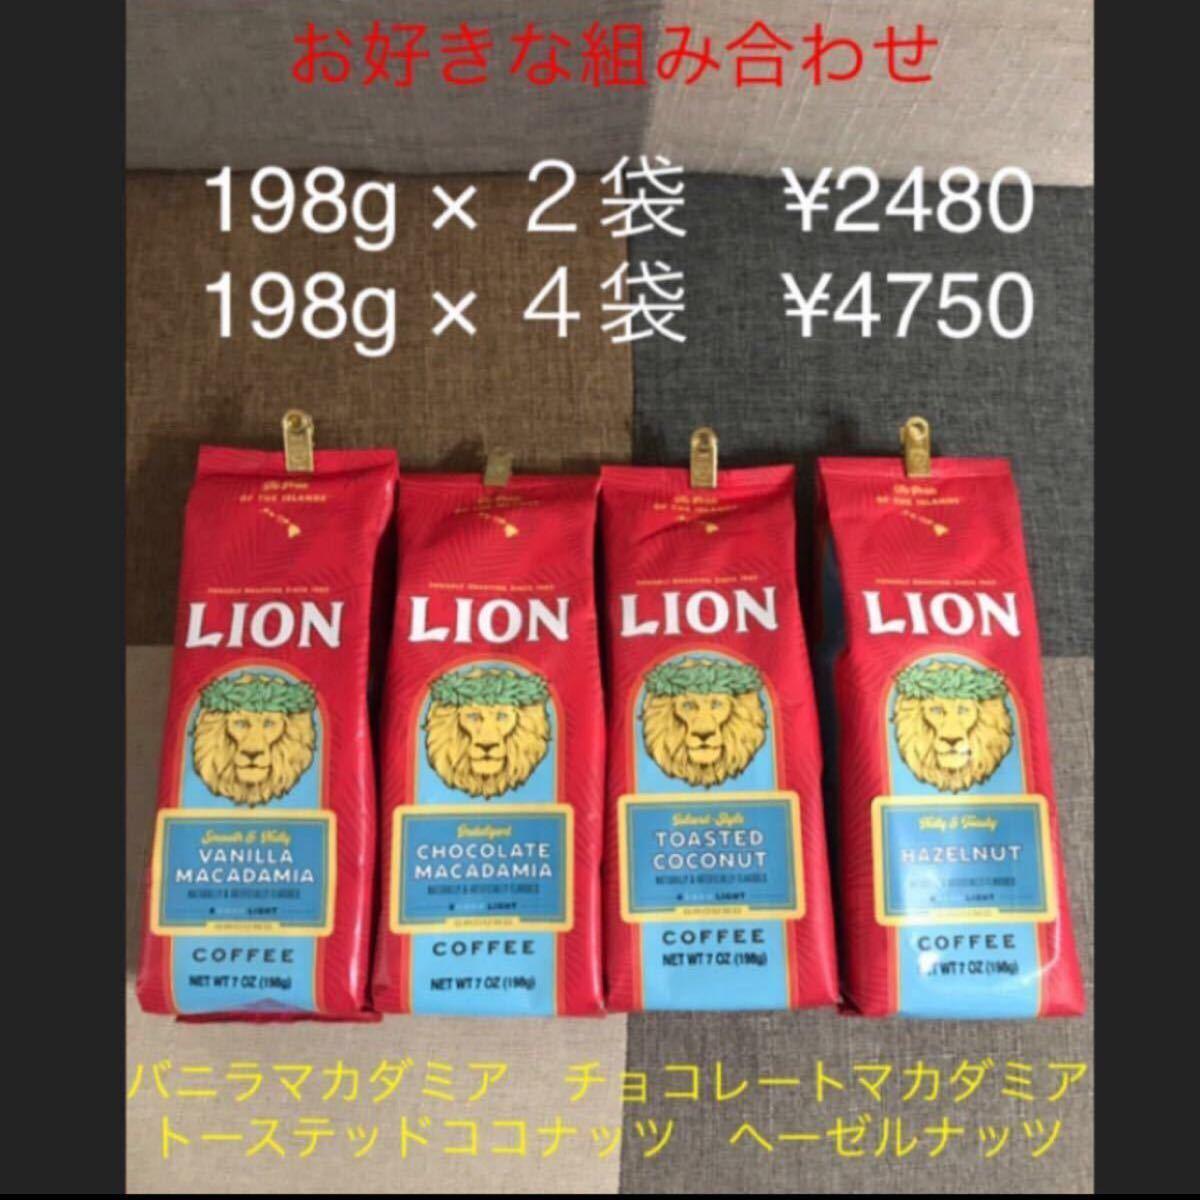 ライオンコーヒー 選べるフレーバー 198g バニラ